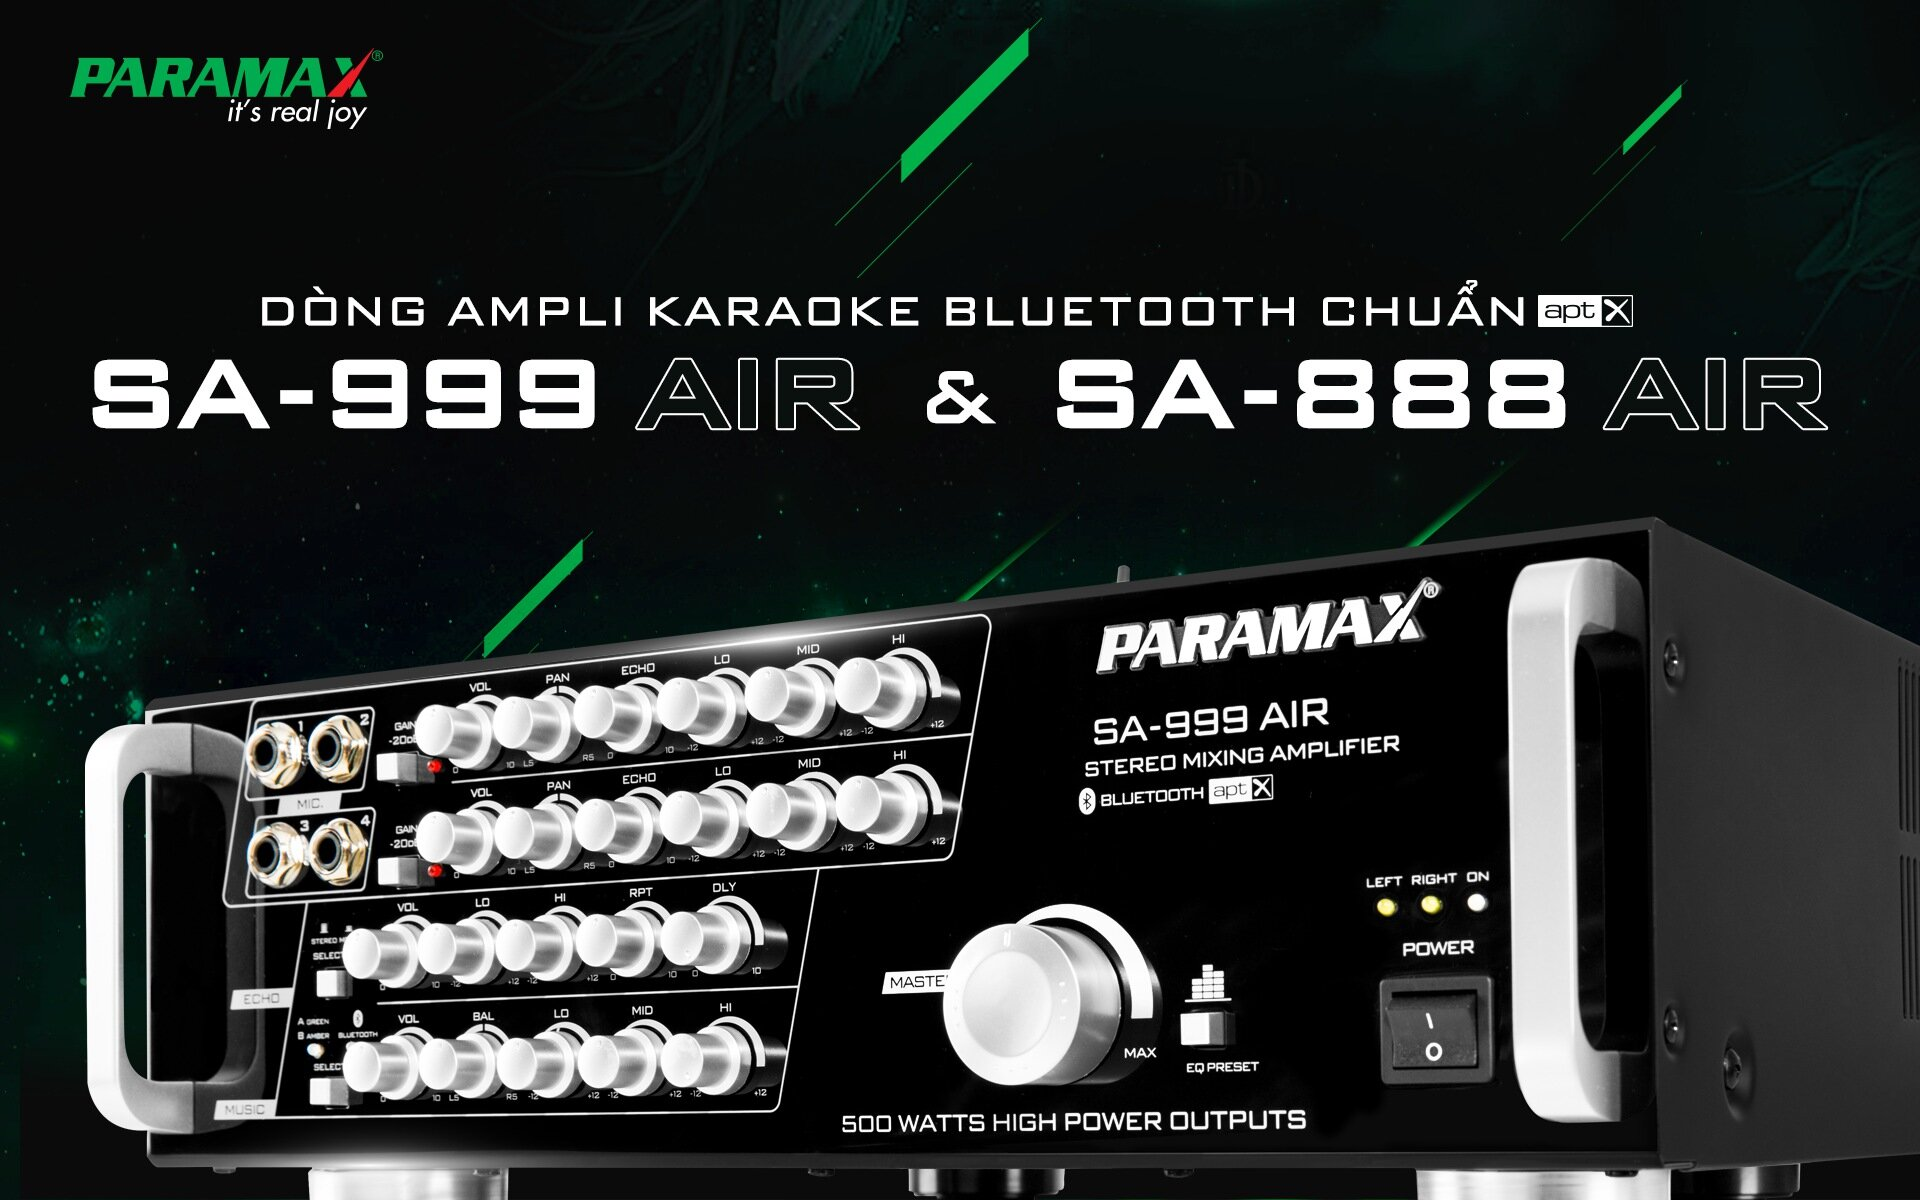 Amply Karaoke Paramax SA888 Air New 2018